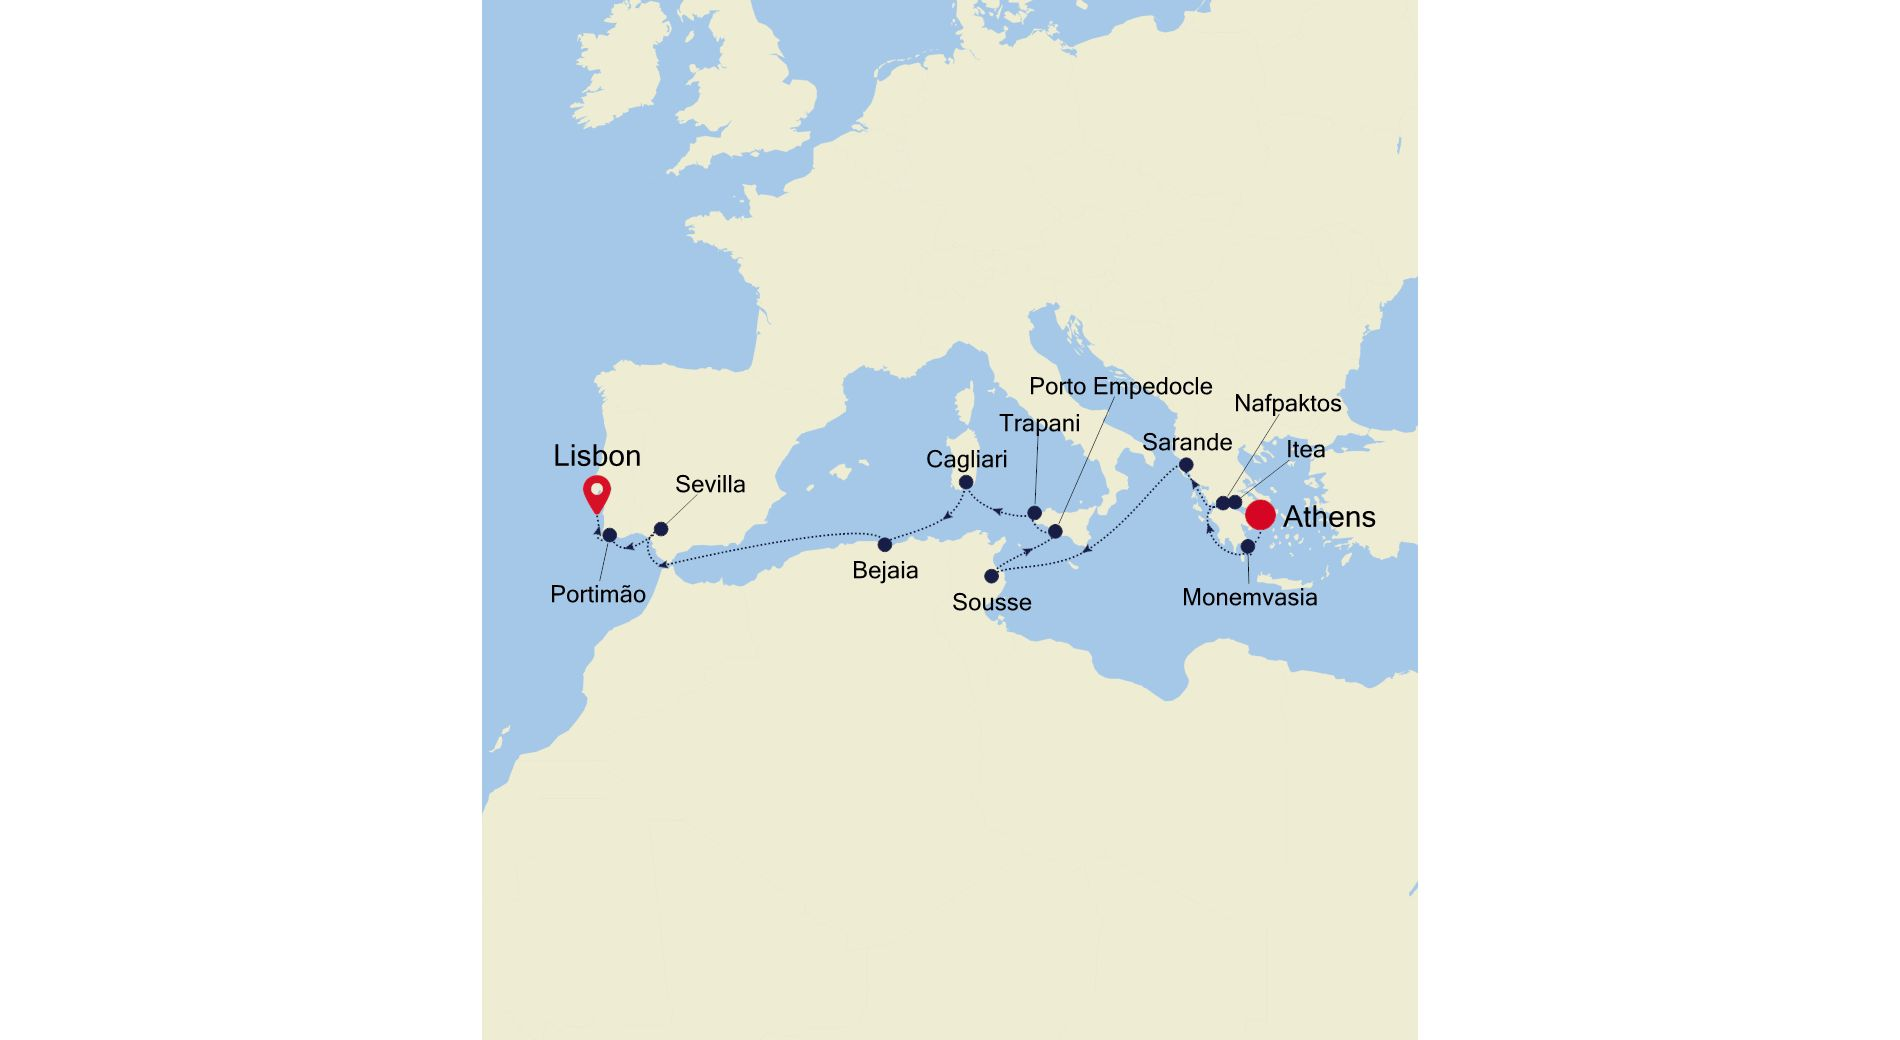 E4210602014 - Piraeus to Lisbon